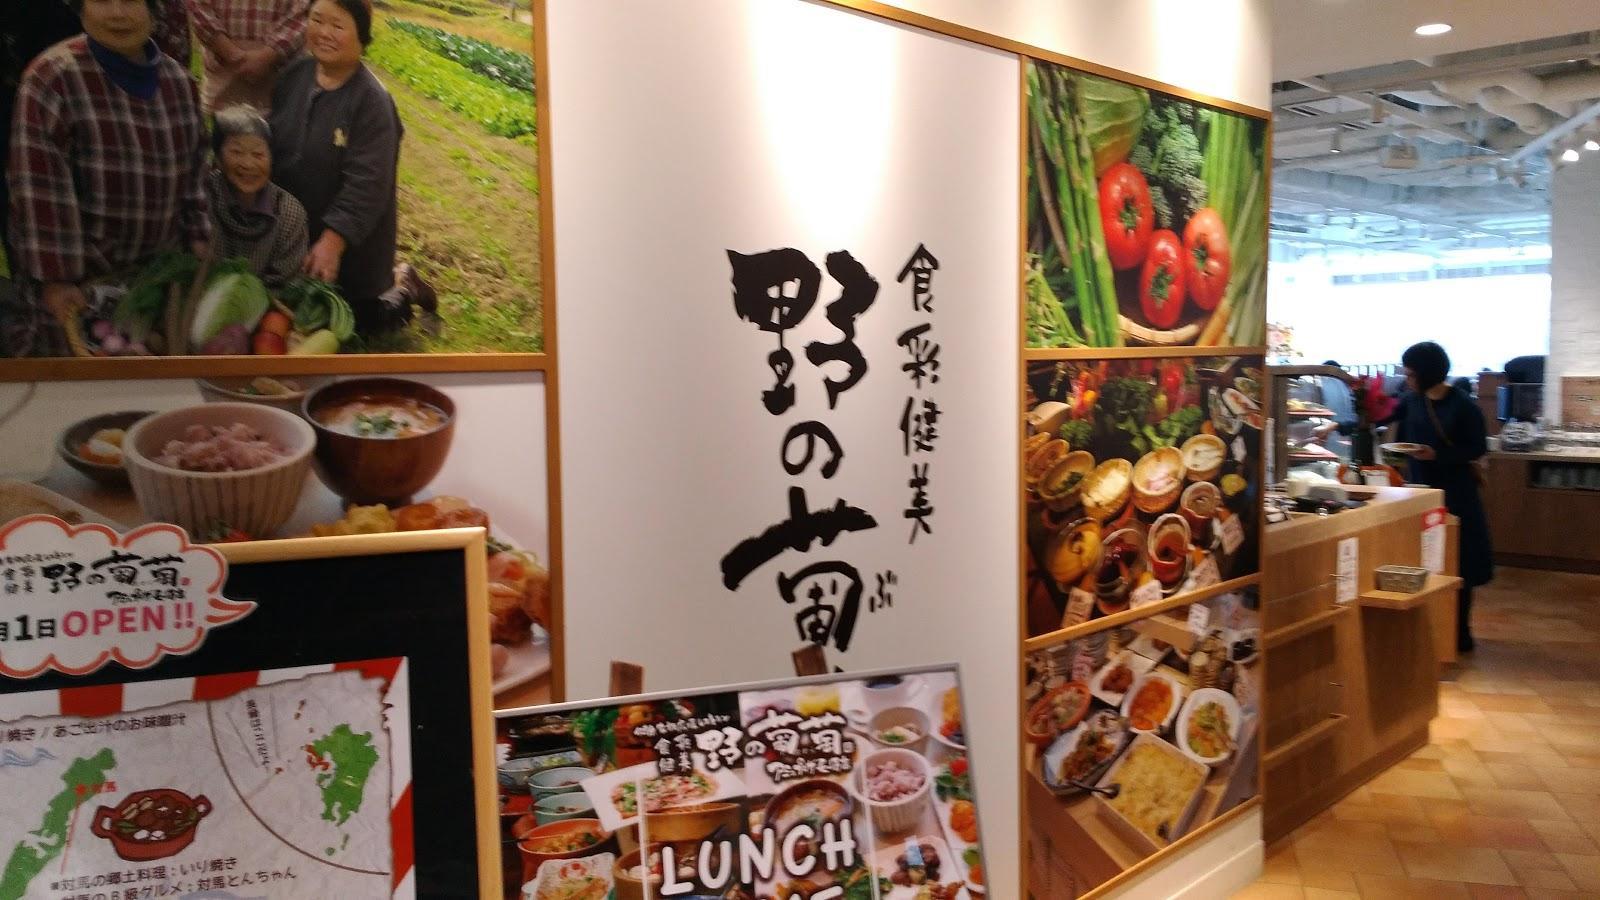 野の葡萄 アミュプラザ長崎店【長崎を喰いつくせ!】長崎グルメ